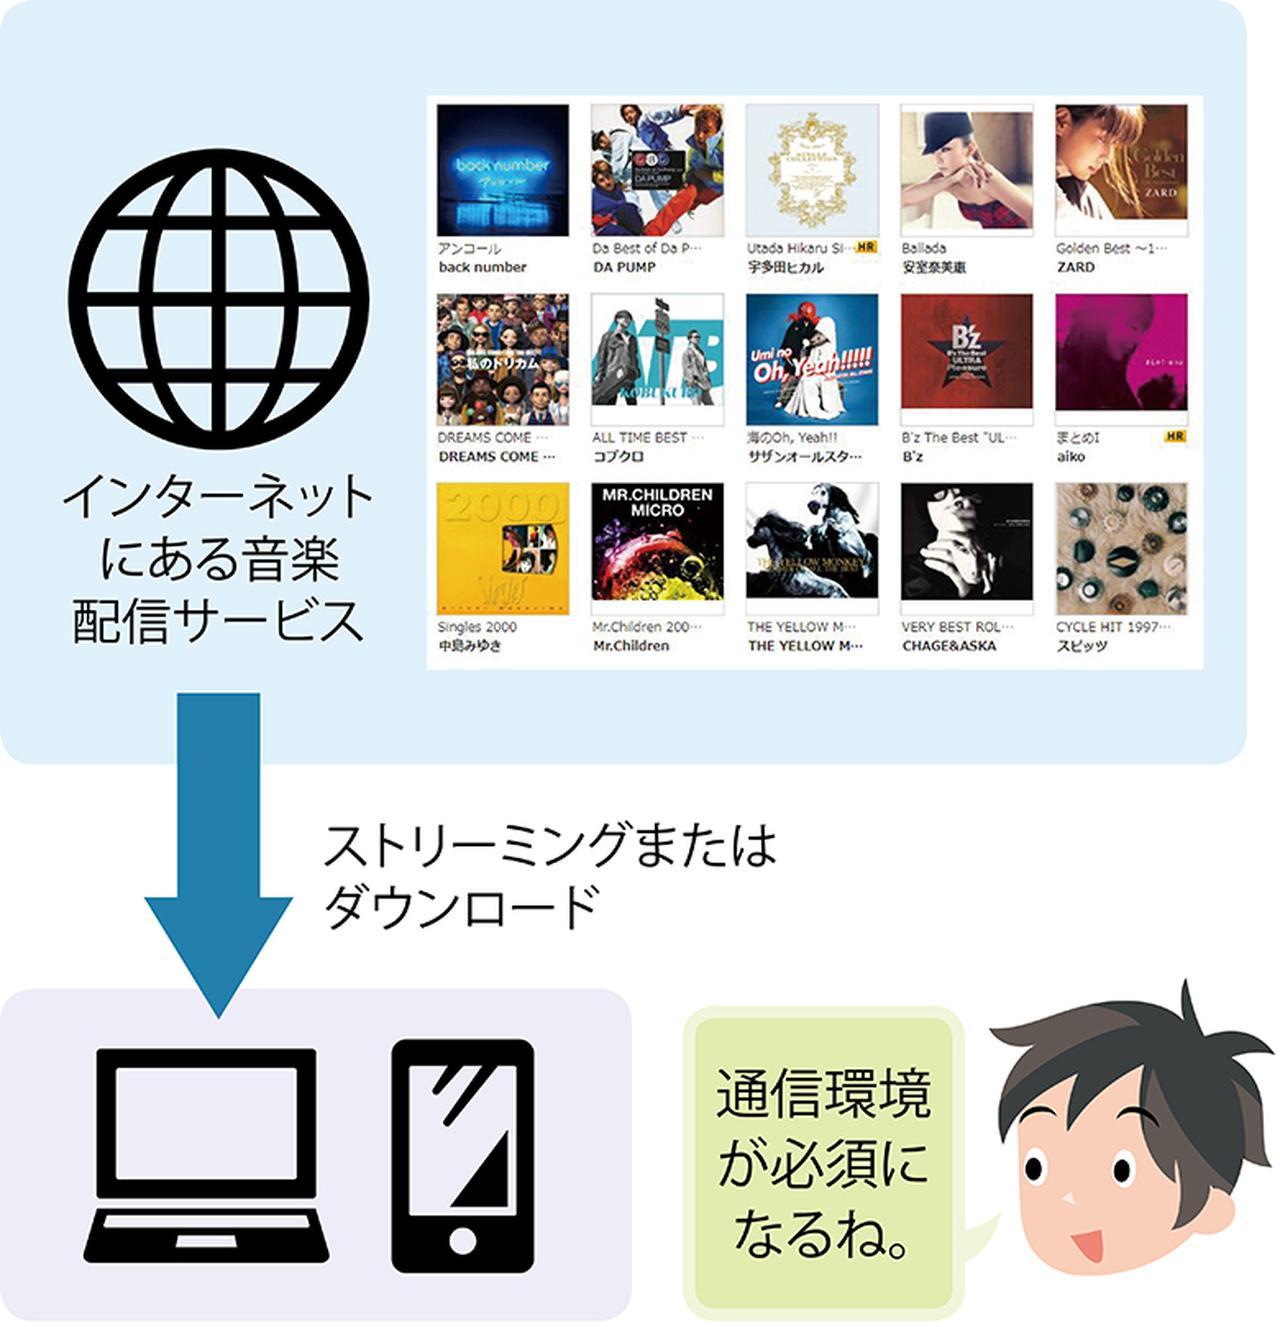 画像: インターネットに接続し、さまざなま音楽配信サービスを活用する方法が、パソコンやスマホでの音楽再生の主流になりつつある。定額で聴き放題のストリーミング型と、楽曲を購入するダウンロード型がある。